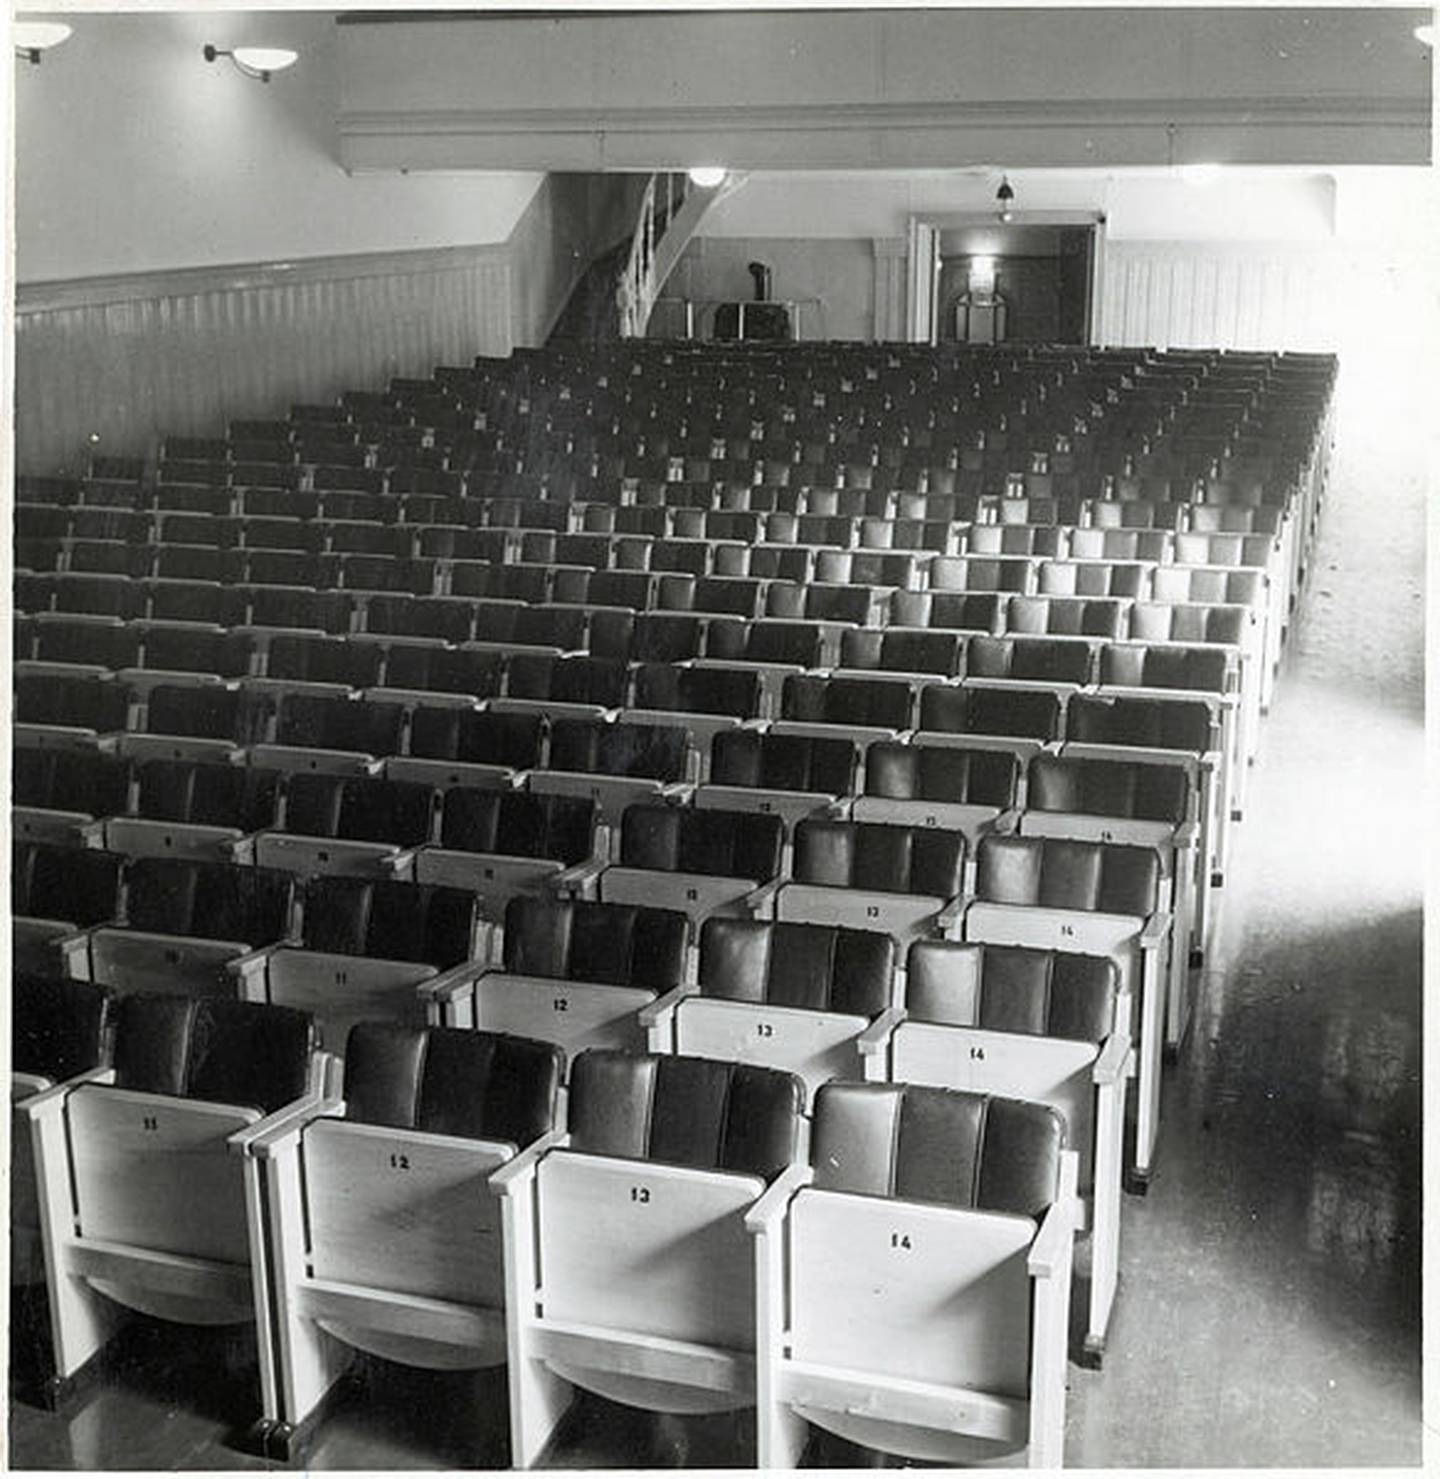 Drammen kommunale kinematografer.  Kinosal i Paladsteatret. Ukjent datering, kanskje 1950-tallet.